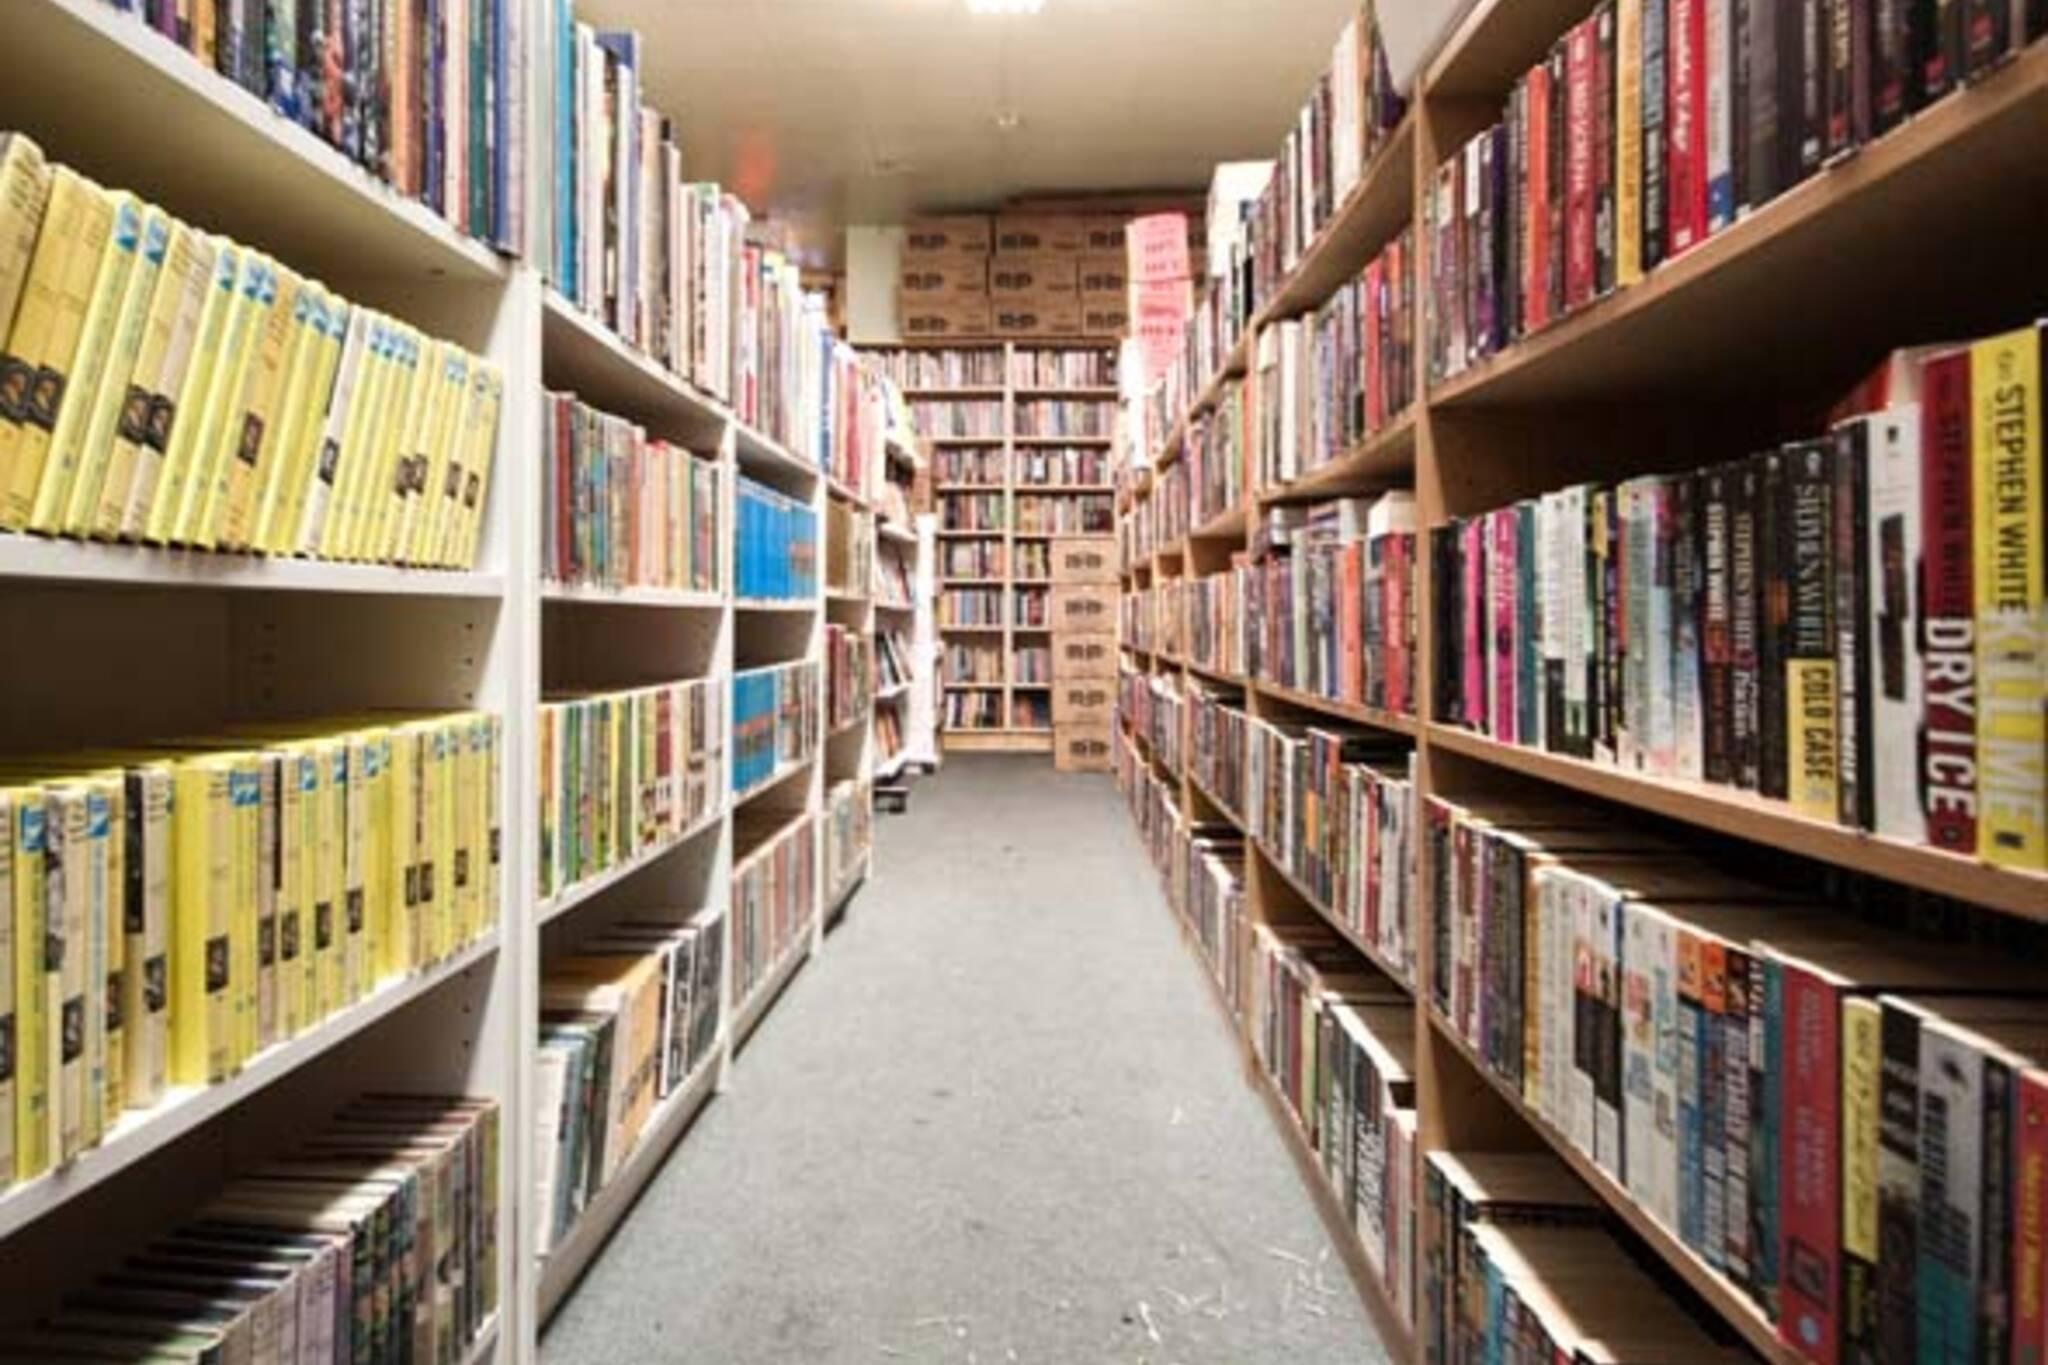 Doug Miller Books